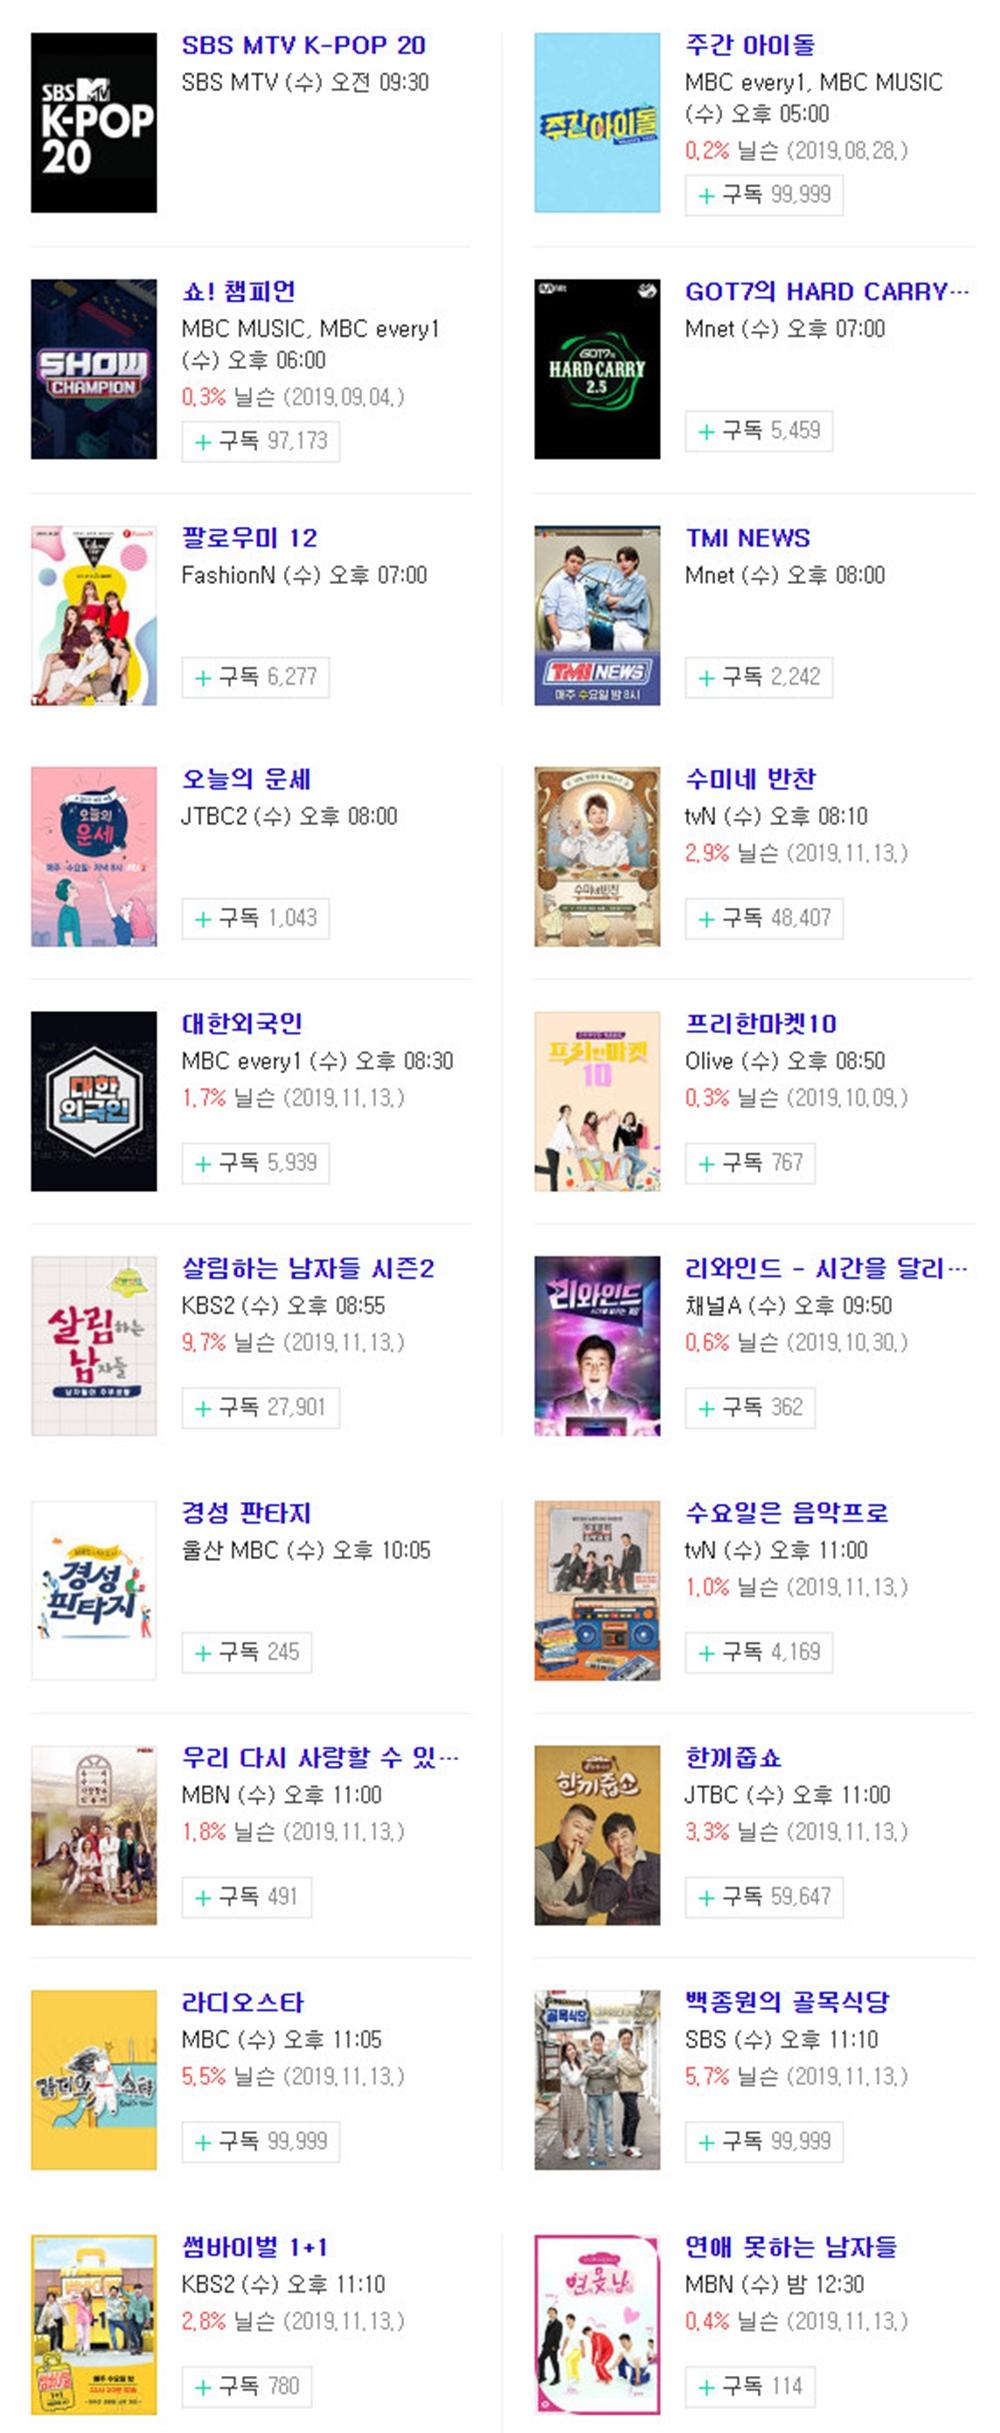 20일 수요일 오후 주요 예능 프로그램 편성표-지난주 시청률 순위는?